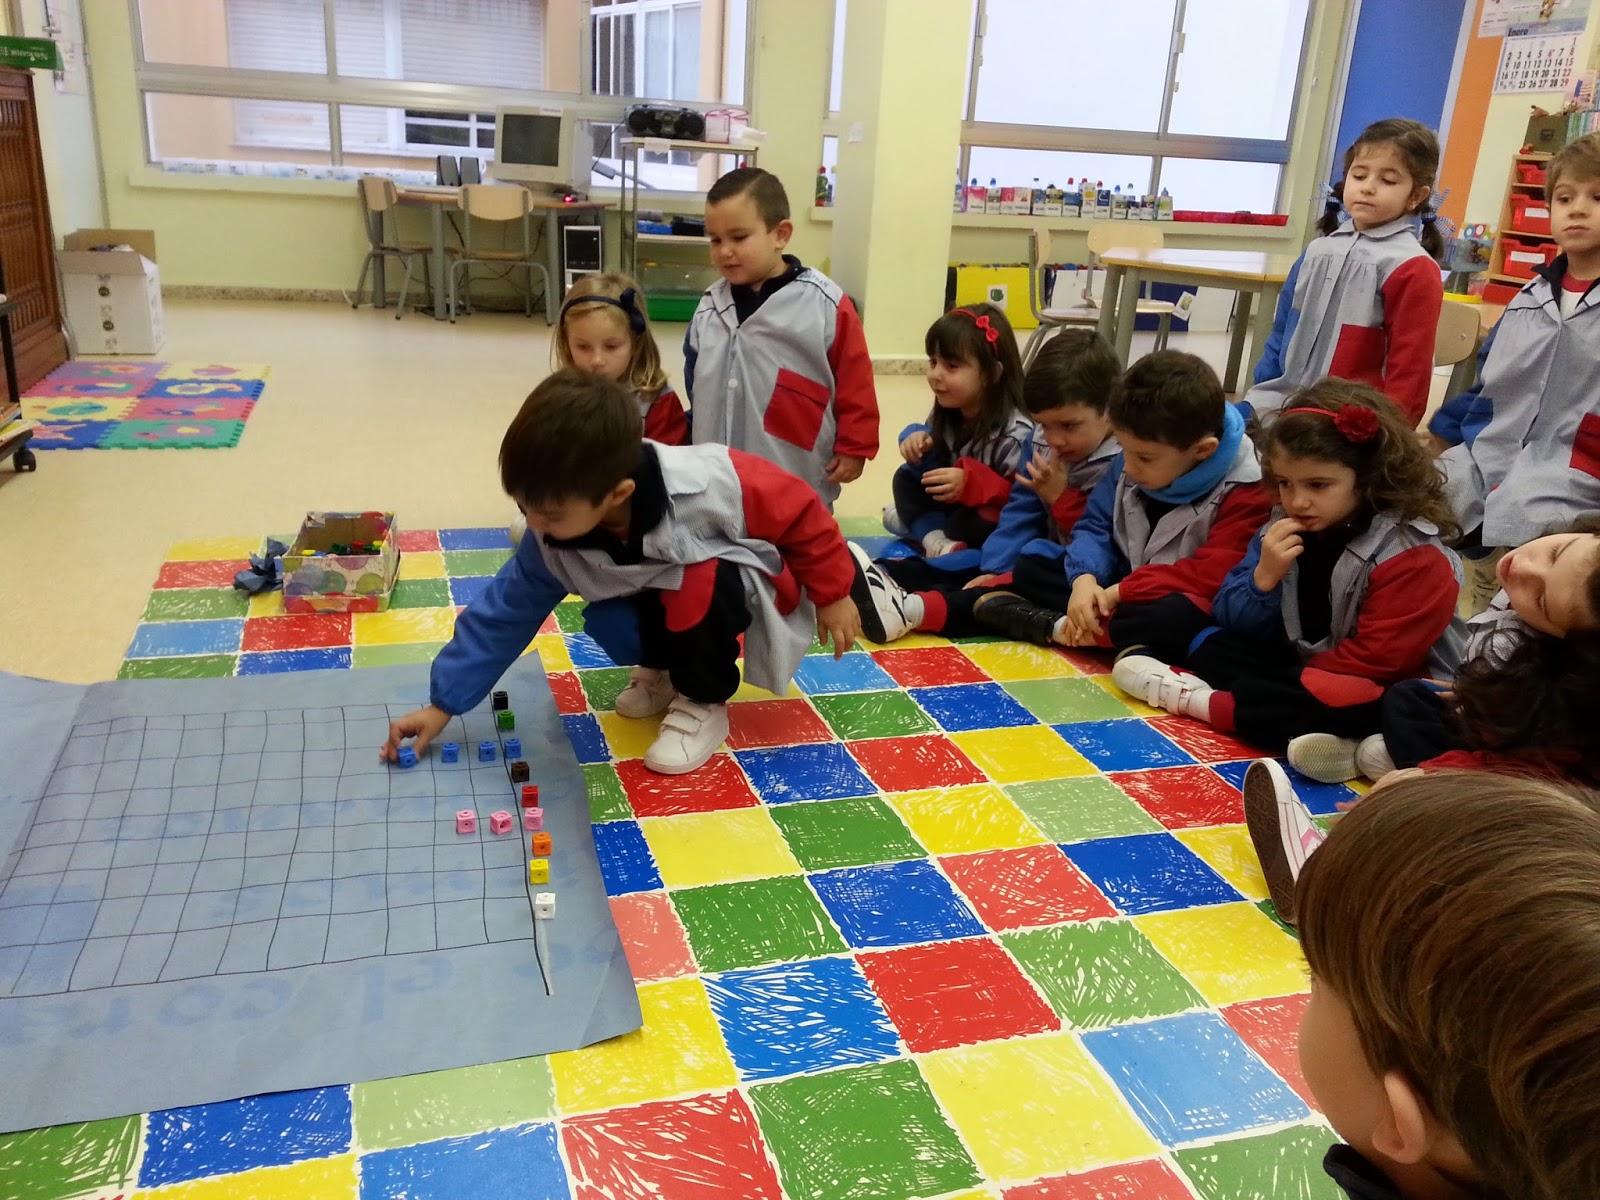 El rinc n de infantil cpr san jos el color de moda en for En nuestra clase